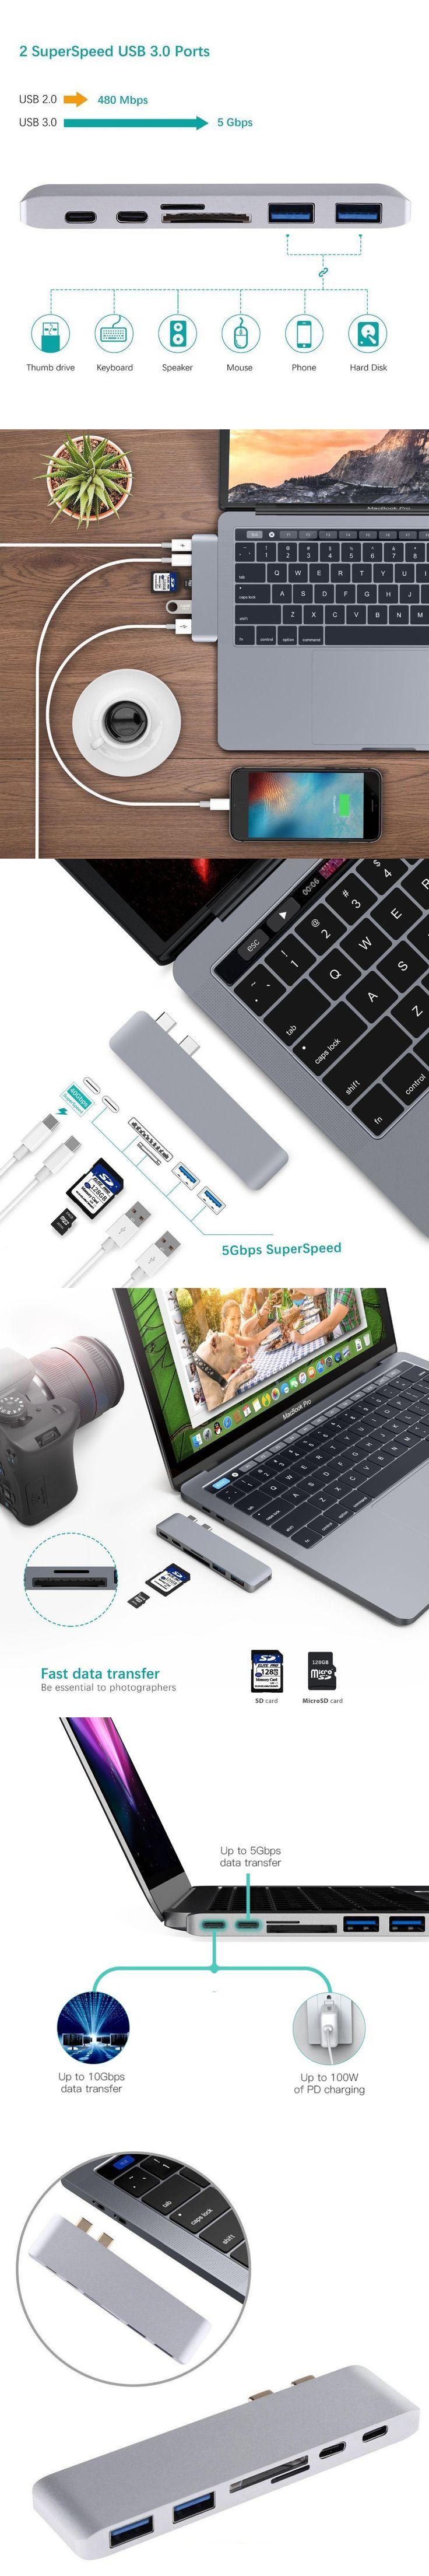 Die besten 25+ Macbook pro usb ports Ideen auf Pinterest | Macbook ...